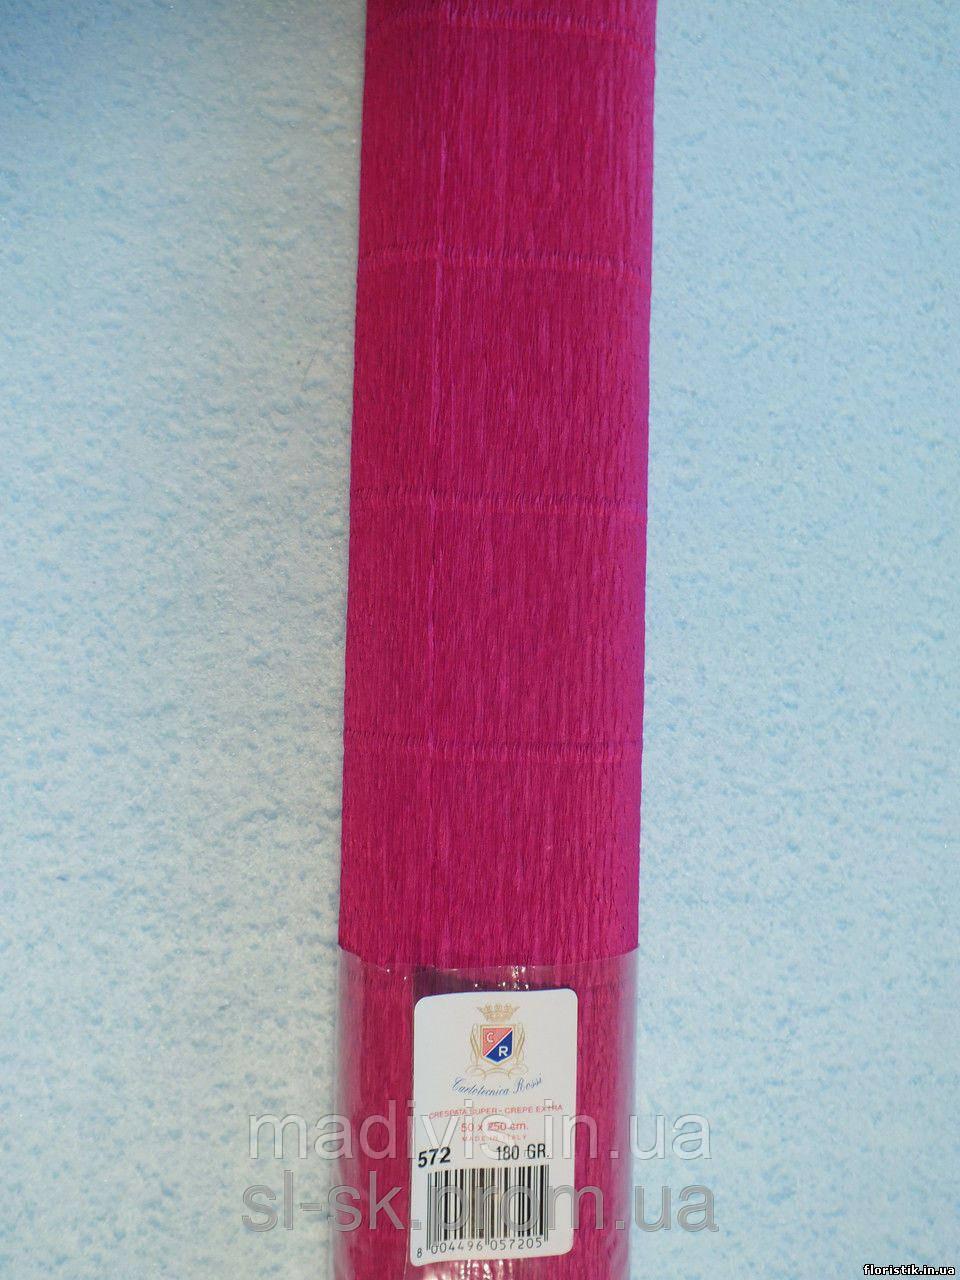 Бумага гофрированная, 572 фиолетово-красная